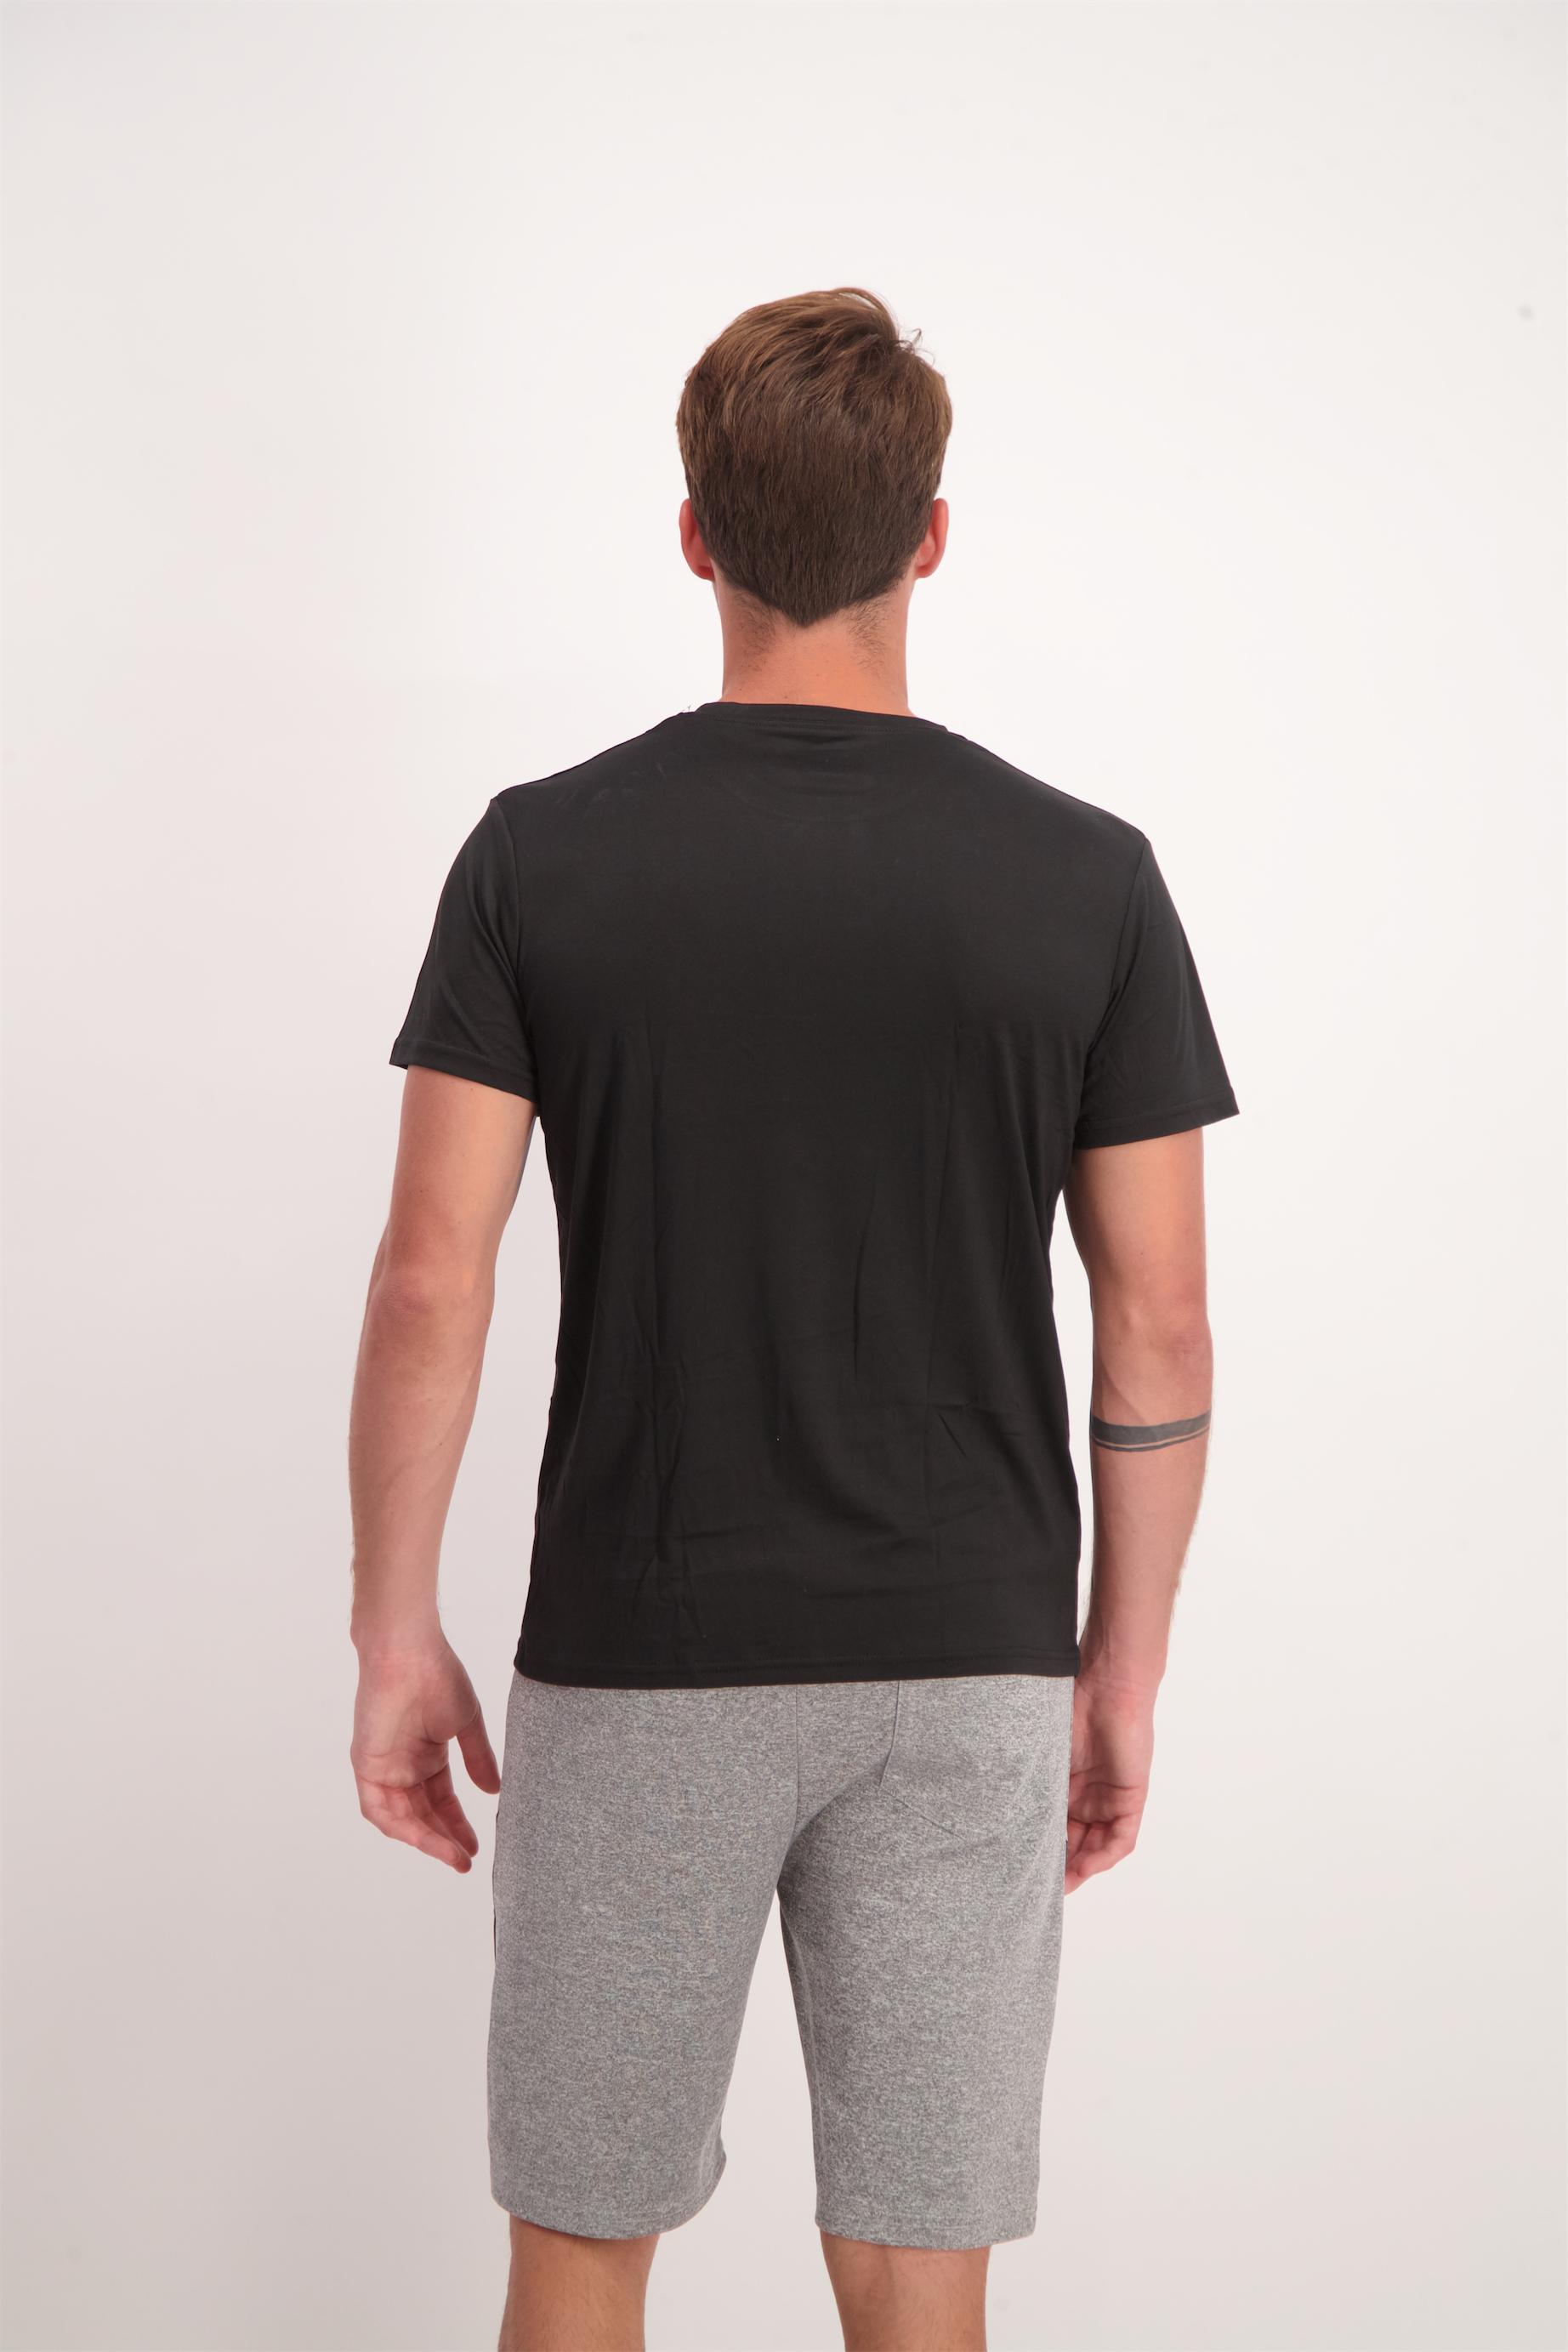 חולצת COOL גבר ניקי